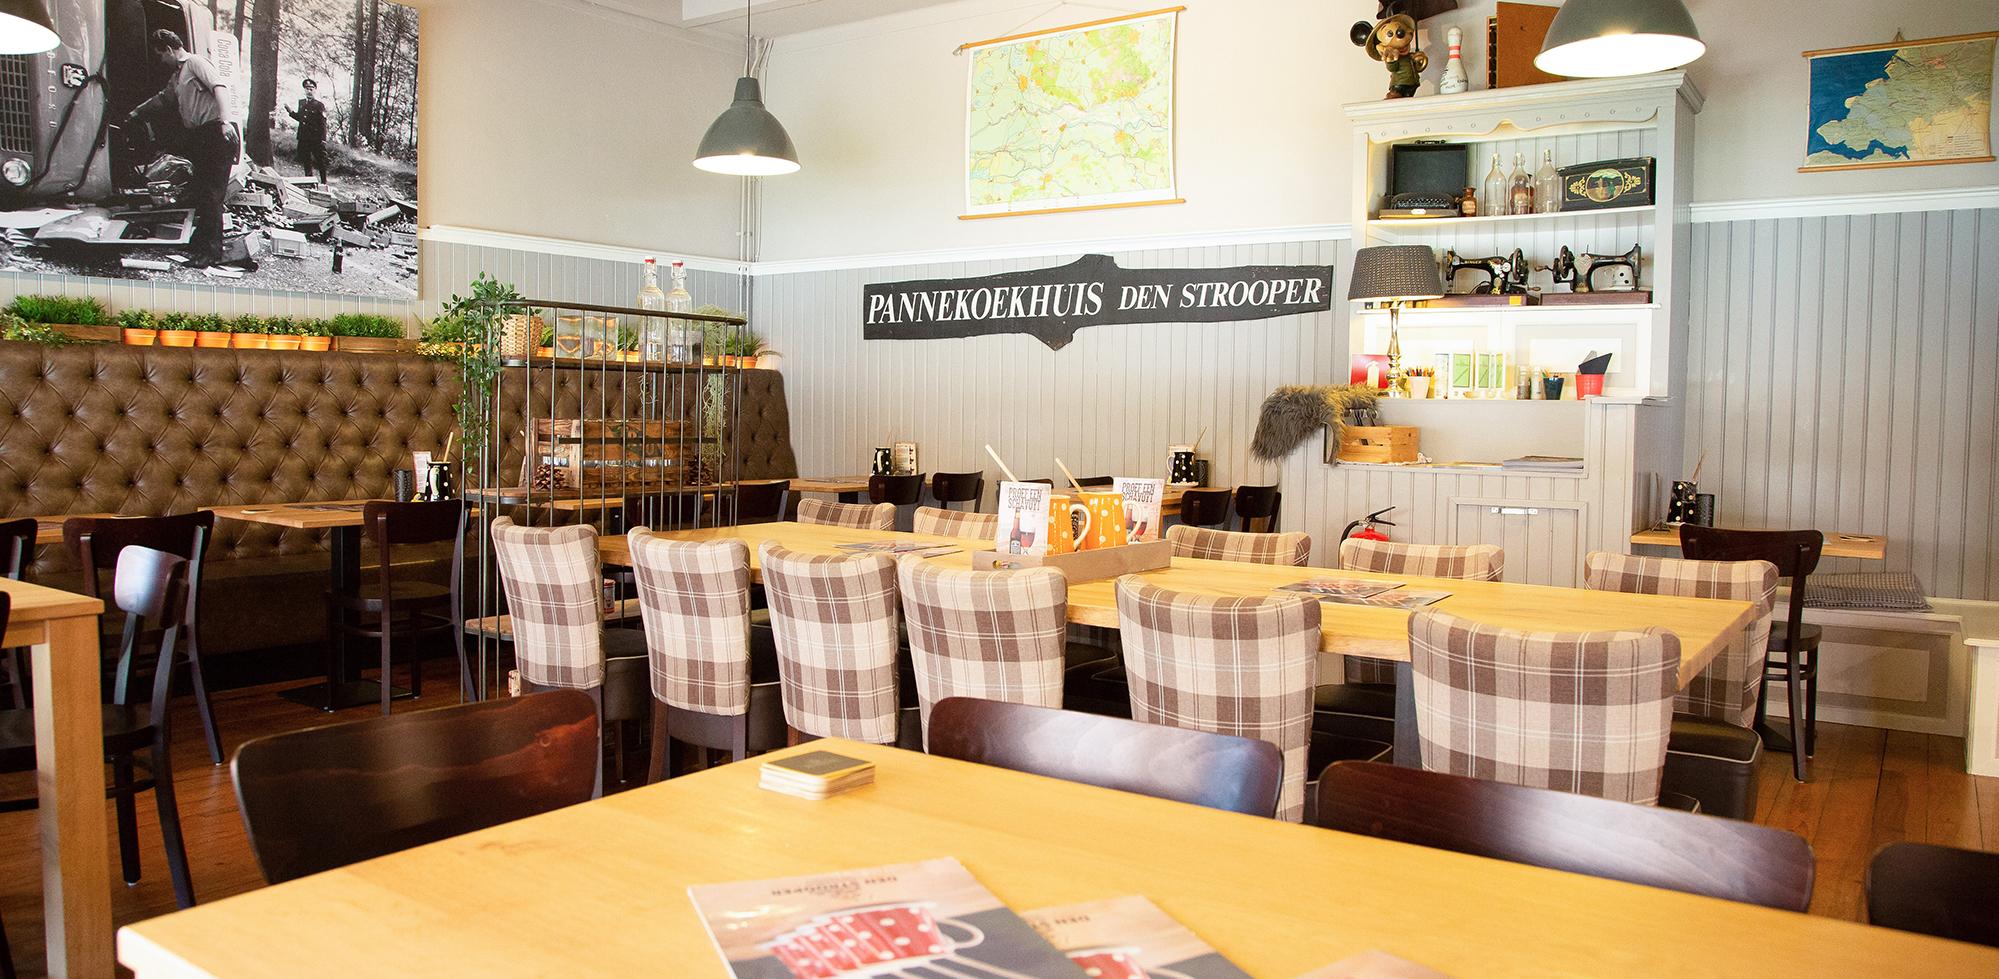 Den Strooper pannenkoekhuis